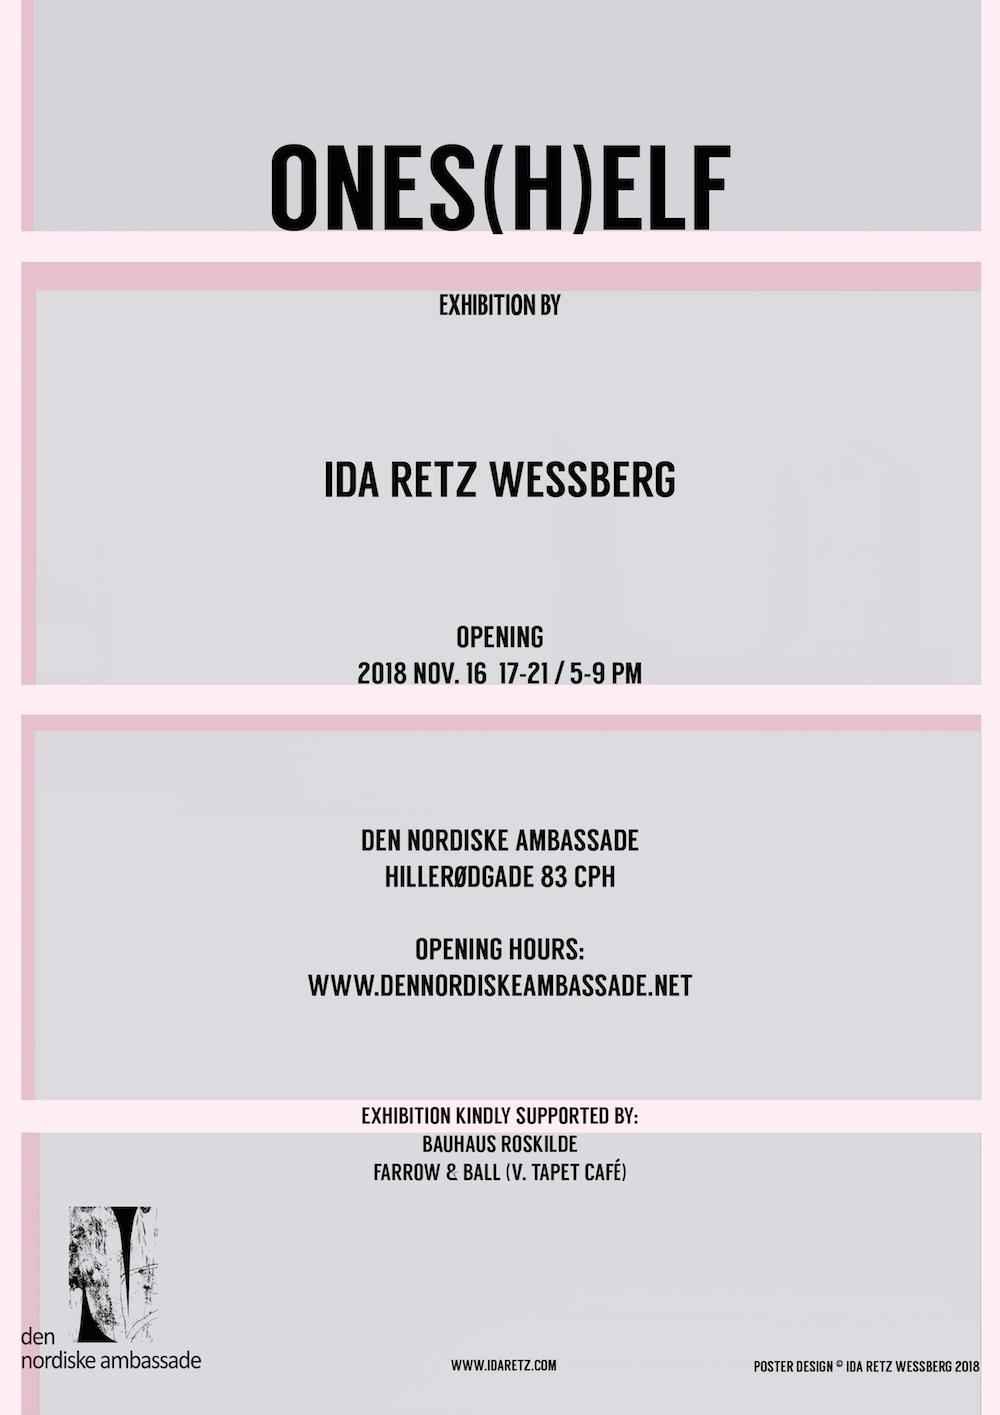 poster_ones(h)elf_Ida Retz Wessberg.jpg